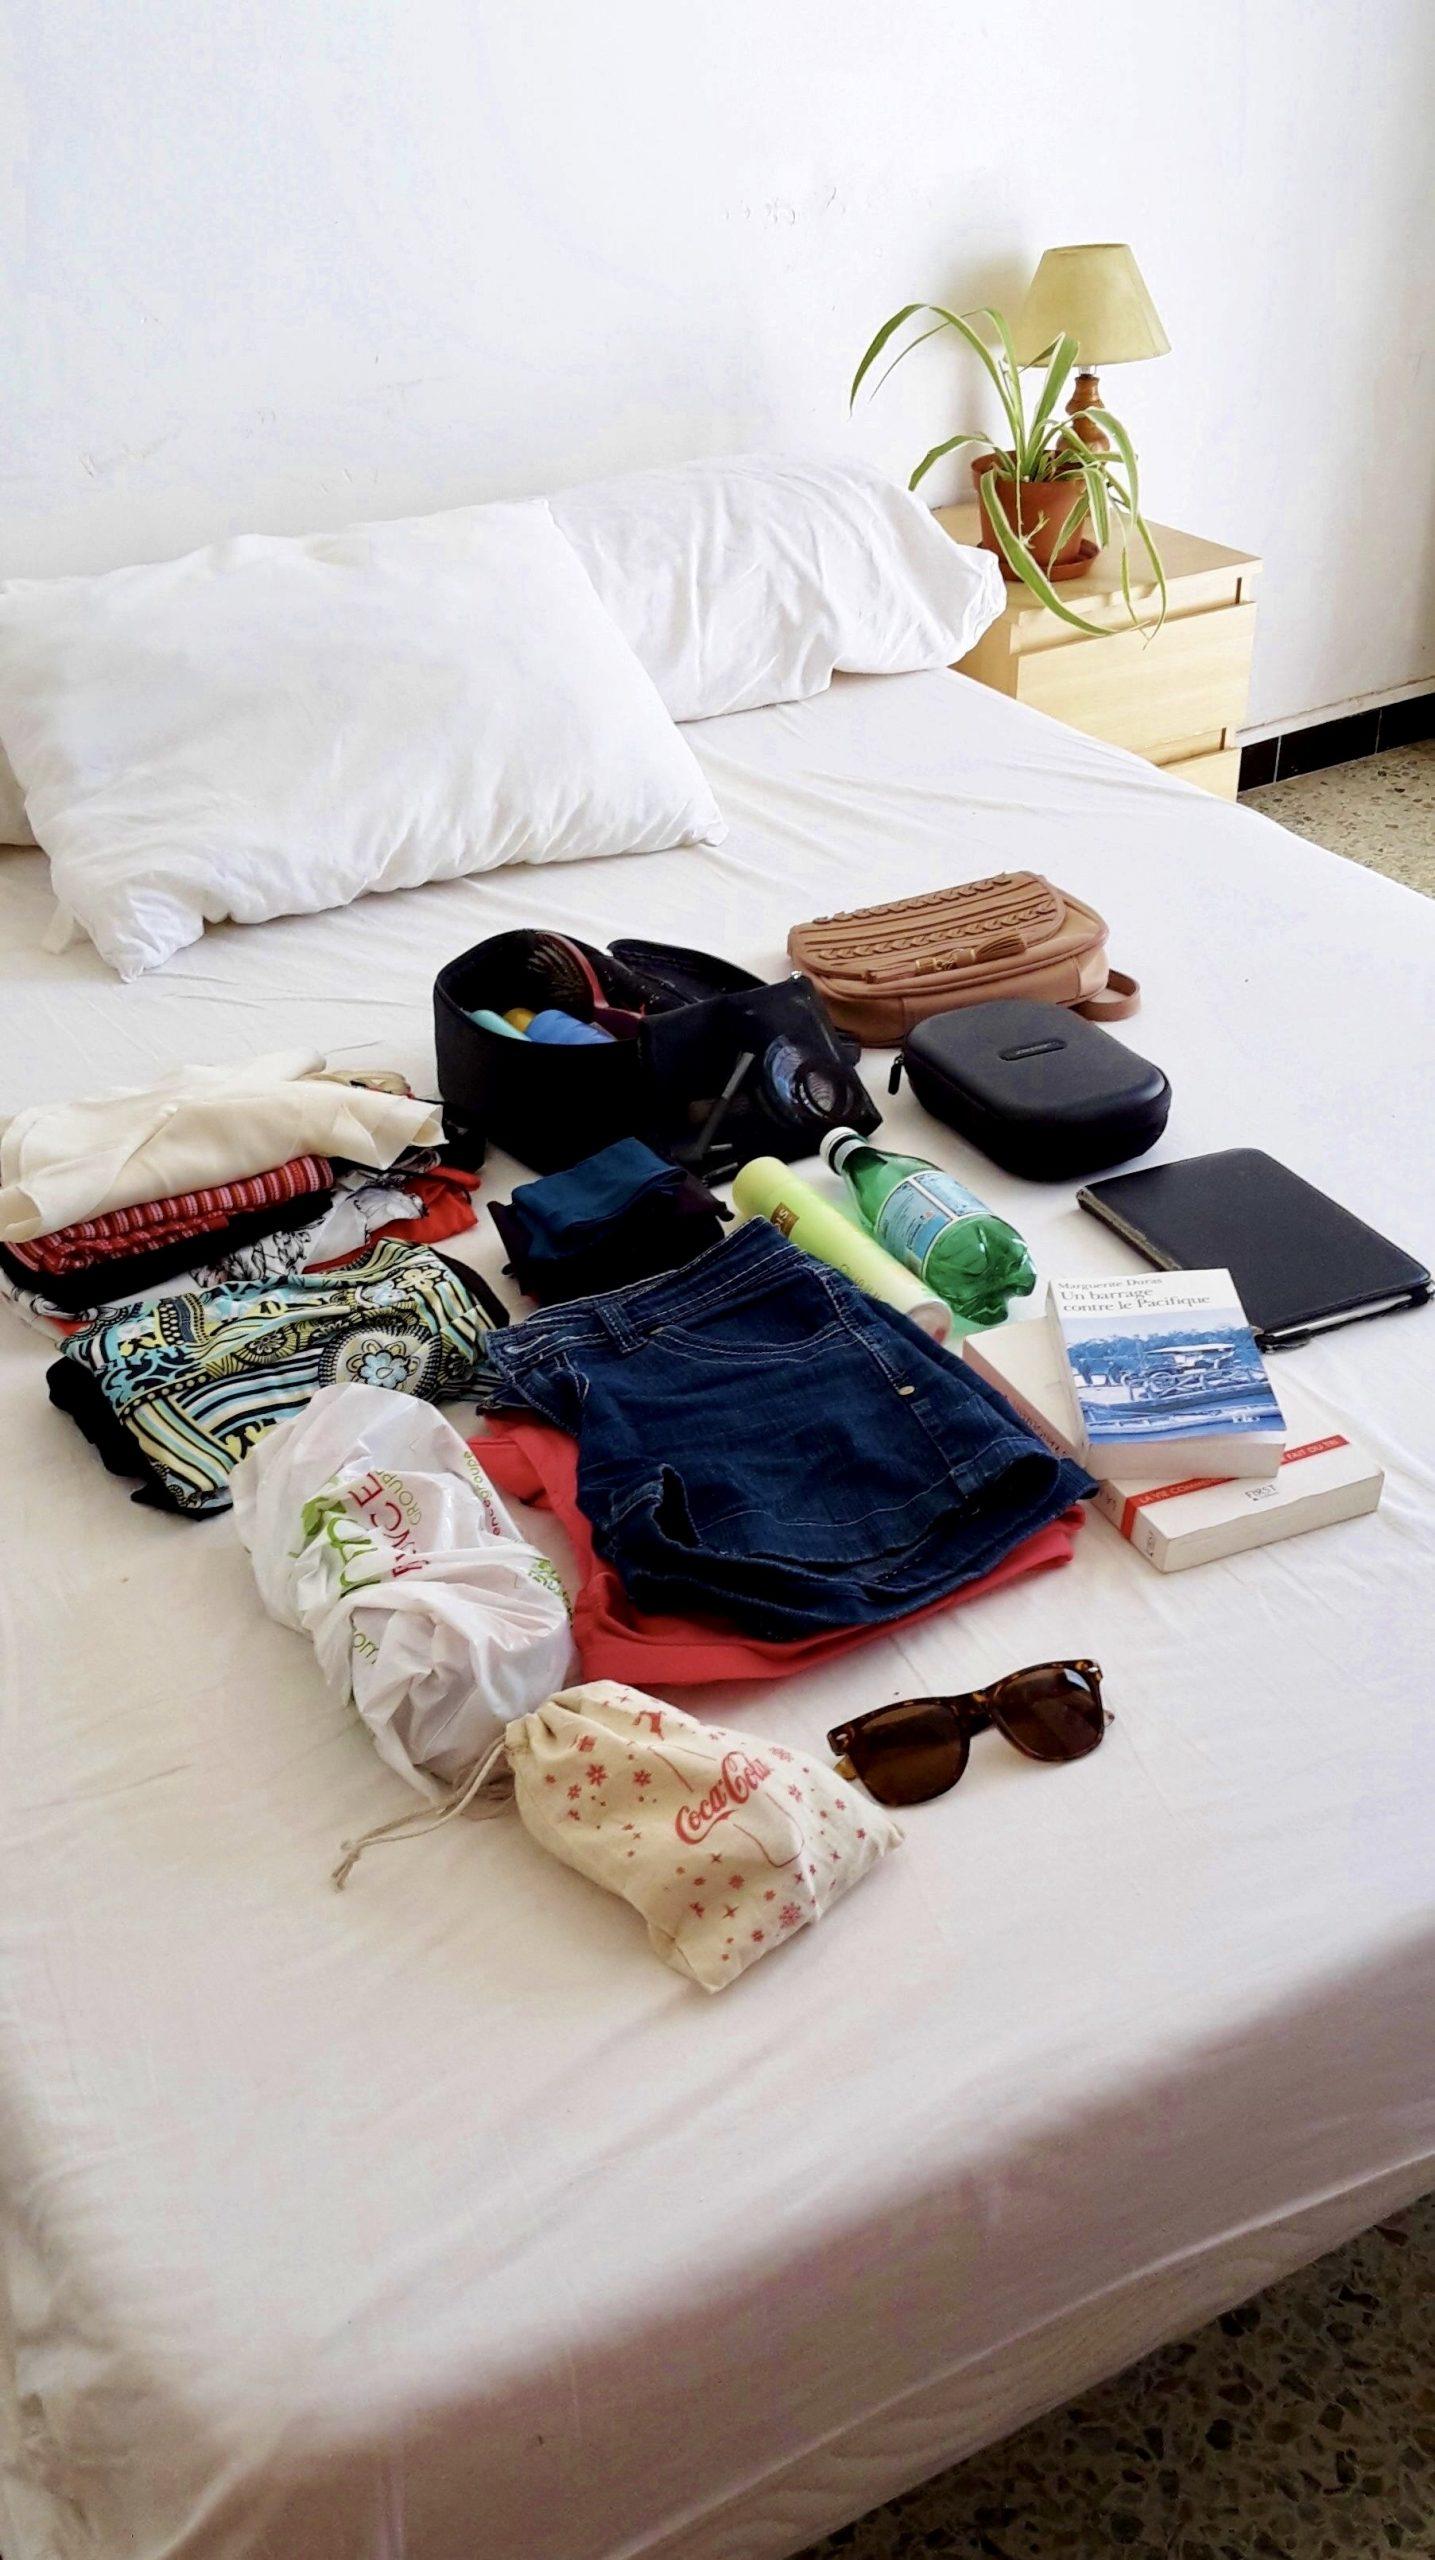 contenu de la valise sur le lit